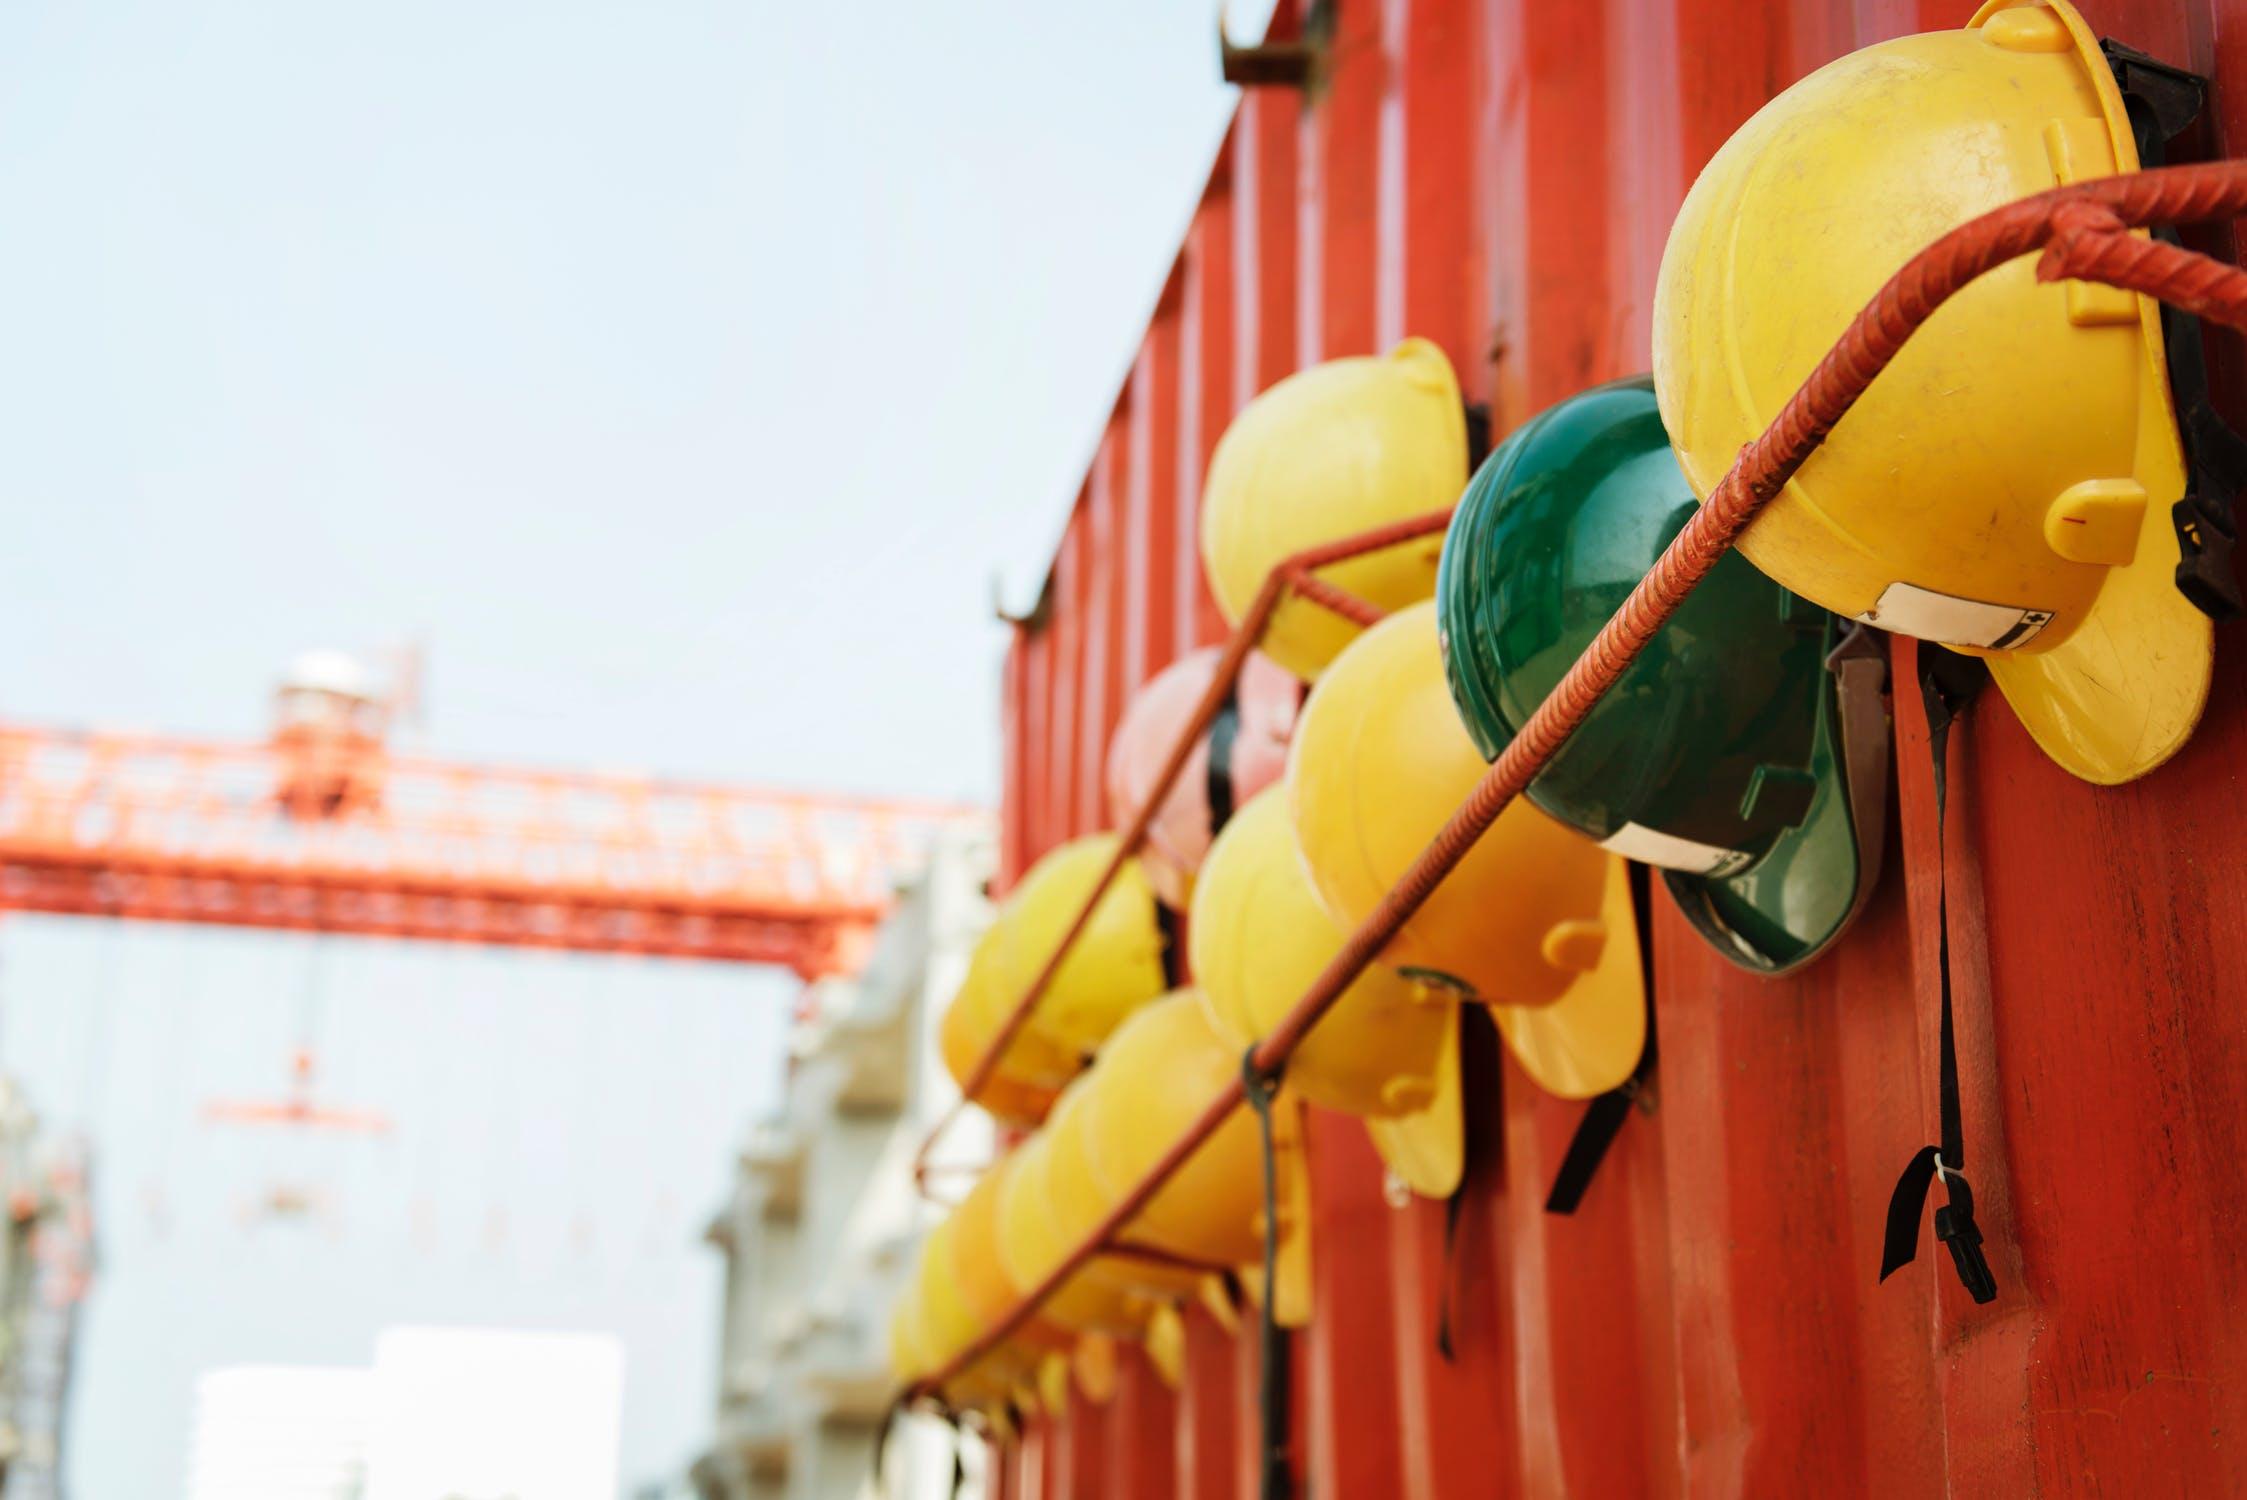 Industria constructiei este in plina expansiune